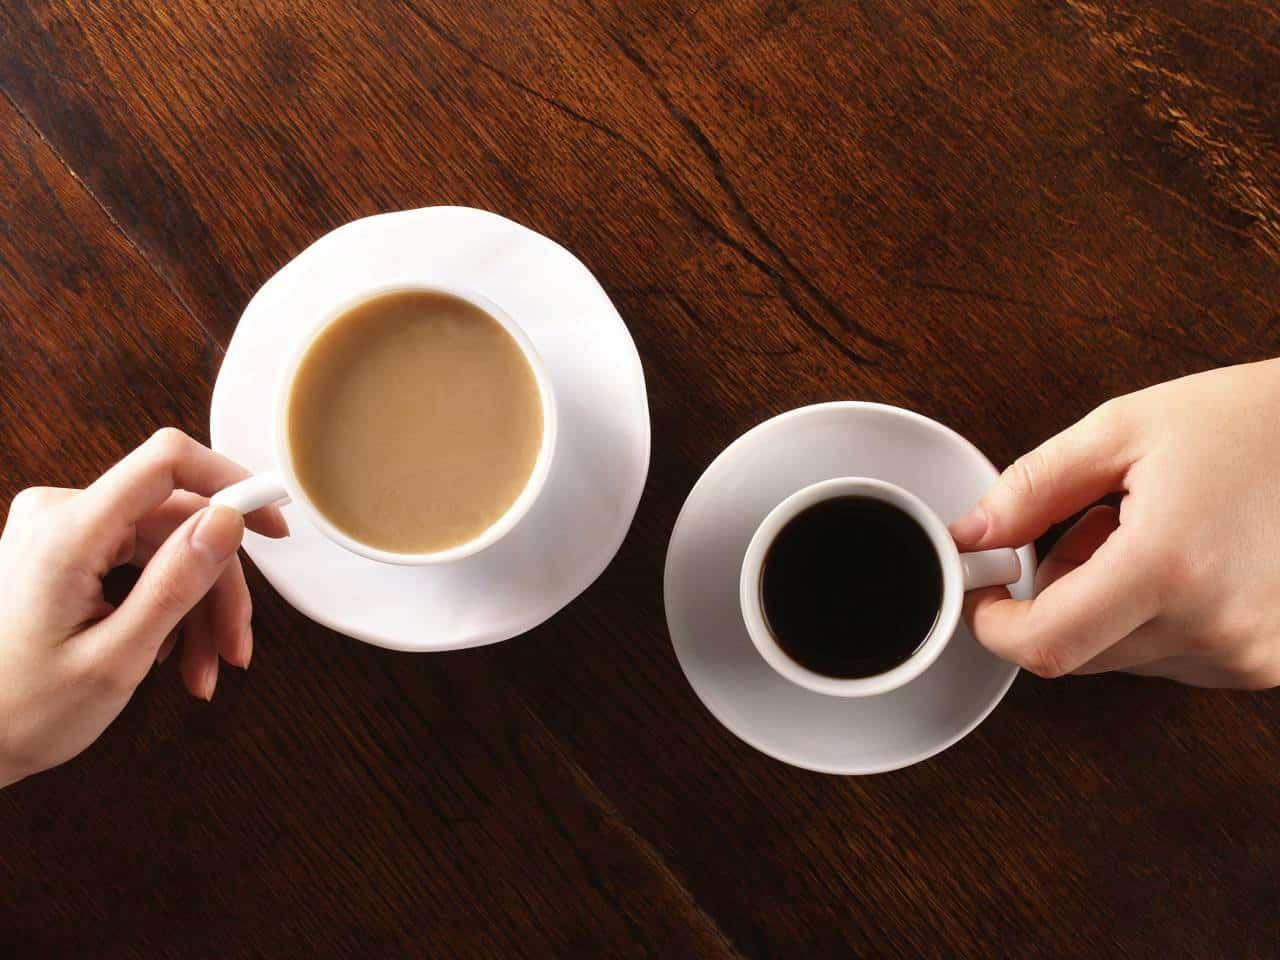 أضرار الشاي والقهوة